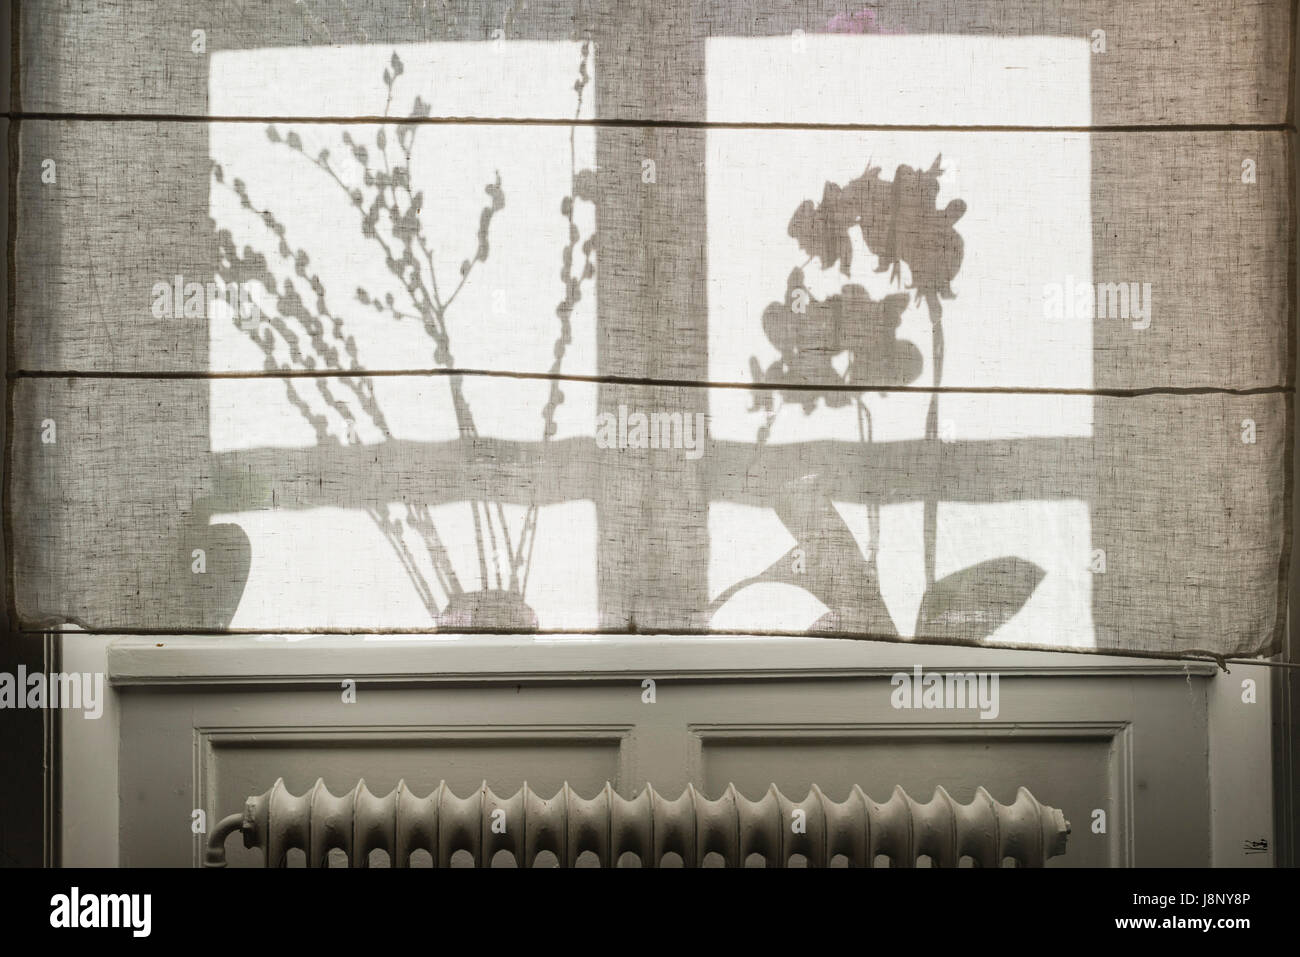 Silhouettes de rideau derrière les plantes Banque D'Images